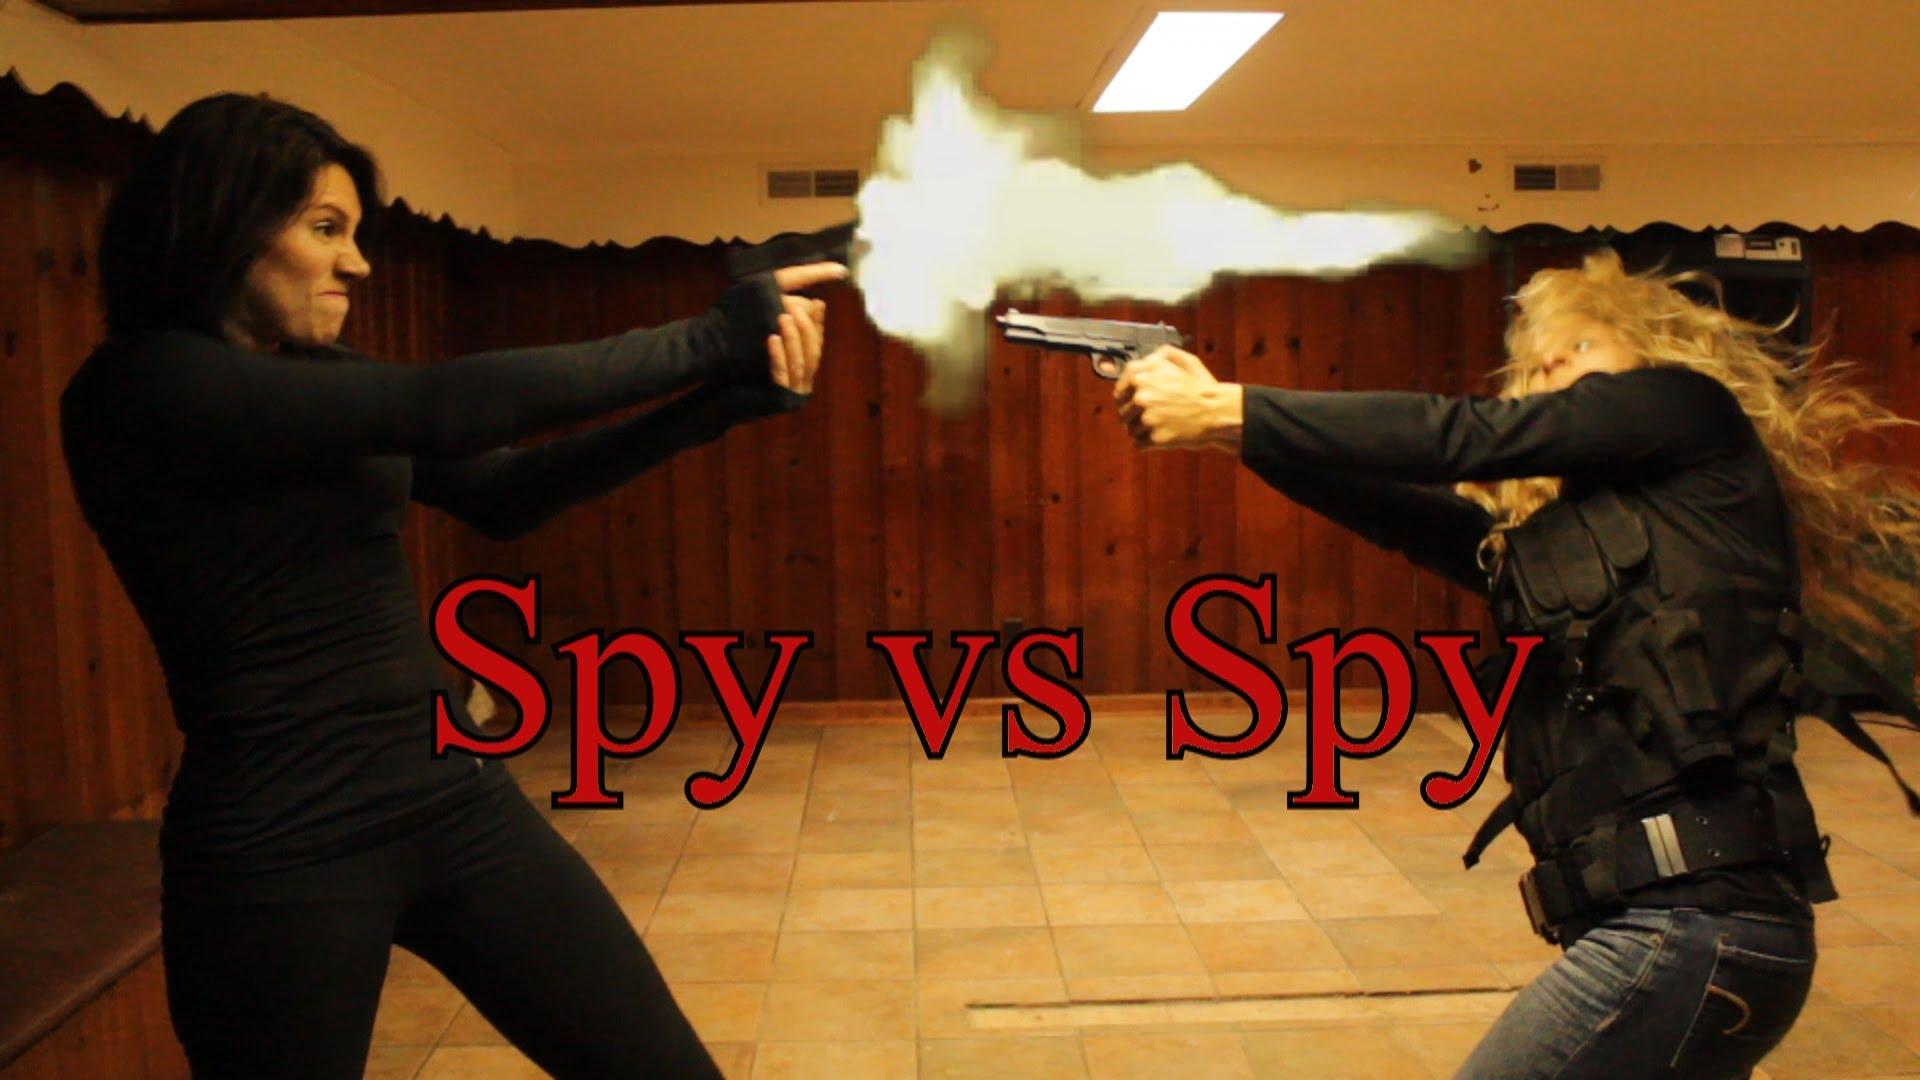 Spy Vs Spy-1387